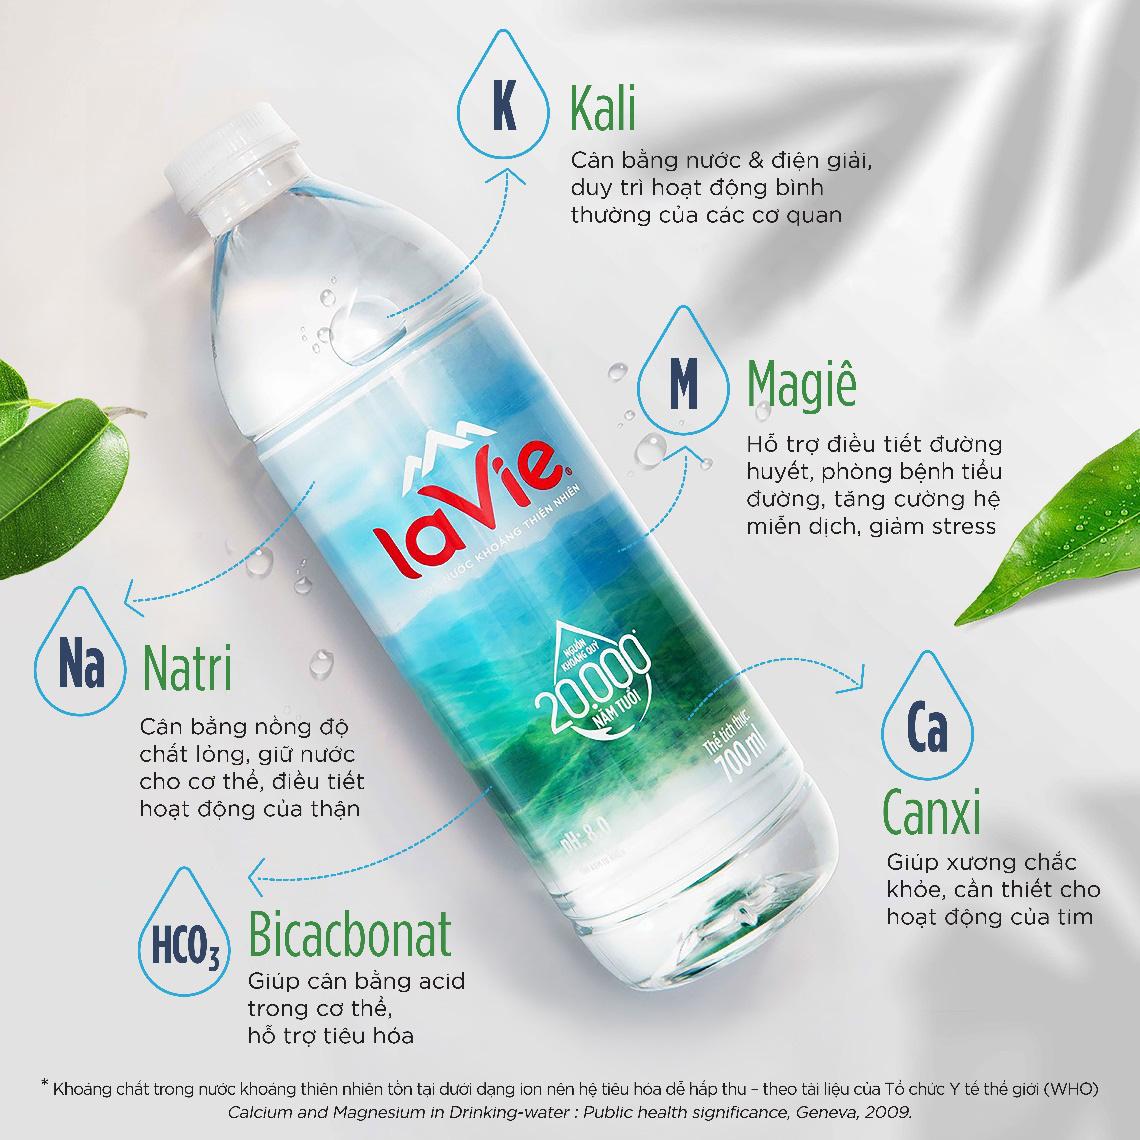 Nước khoáng không chỉ để giải khát mà còn cần thiết cho sức khỏe thế này đây! - Ảnh 2.